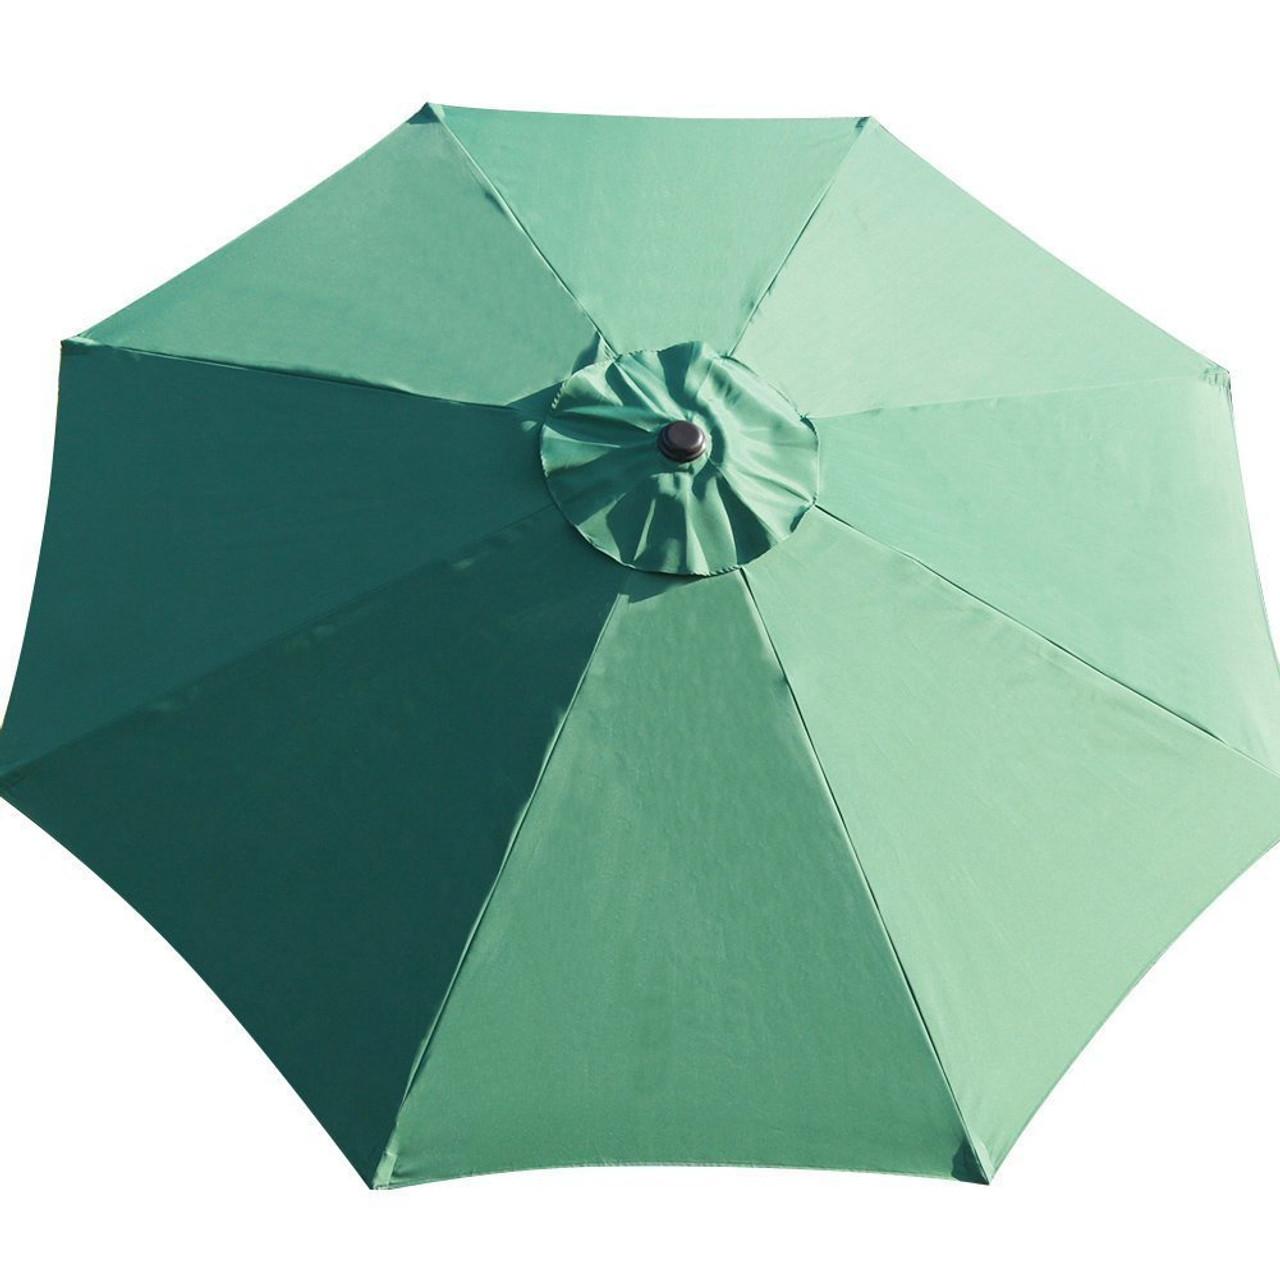 Patio Umbrella Material Replacement: 9 Feet Patio Umbrella Replacement Cover For 8 Ribs Yard